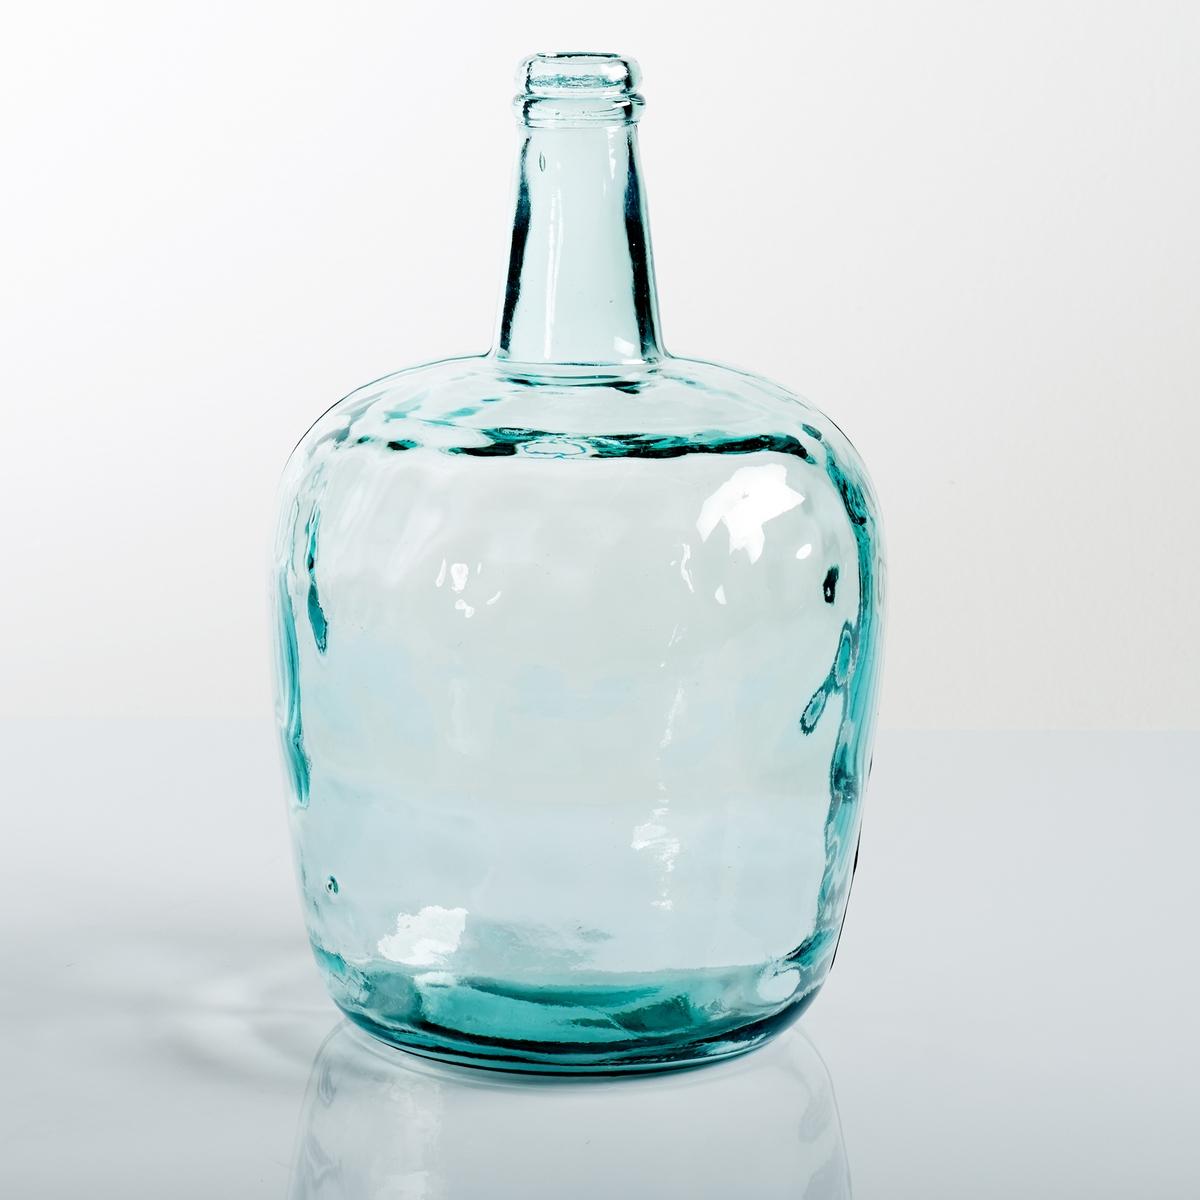 Ваза-бутыль стеклянная, IzoliaВаза-бутыль стеклянная, Izolia. В духе старинной оплетенной бутыли, эти вазы привнесут в ваш интерьер очень модный винтажный стиль!Характеристики вазы-бутыли Izolia :Стекло с возможностью повторного использования Бутыль из выдуваемого стекла Izolia Всю коллекцию Izolia ищите на сайте laredoute.ruРазмеры вазы-бутыли Izolia :ОбщиеДиаметр : 23,5 см.Высота : 36,5 см.<br><br>Цвет: розовый,стеклянный крашеный,темно-зеленый